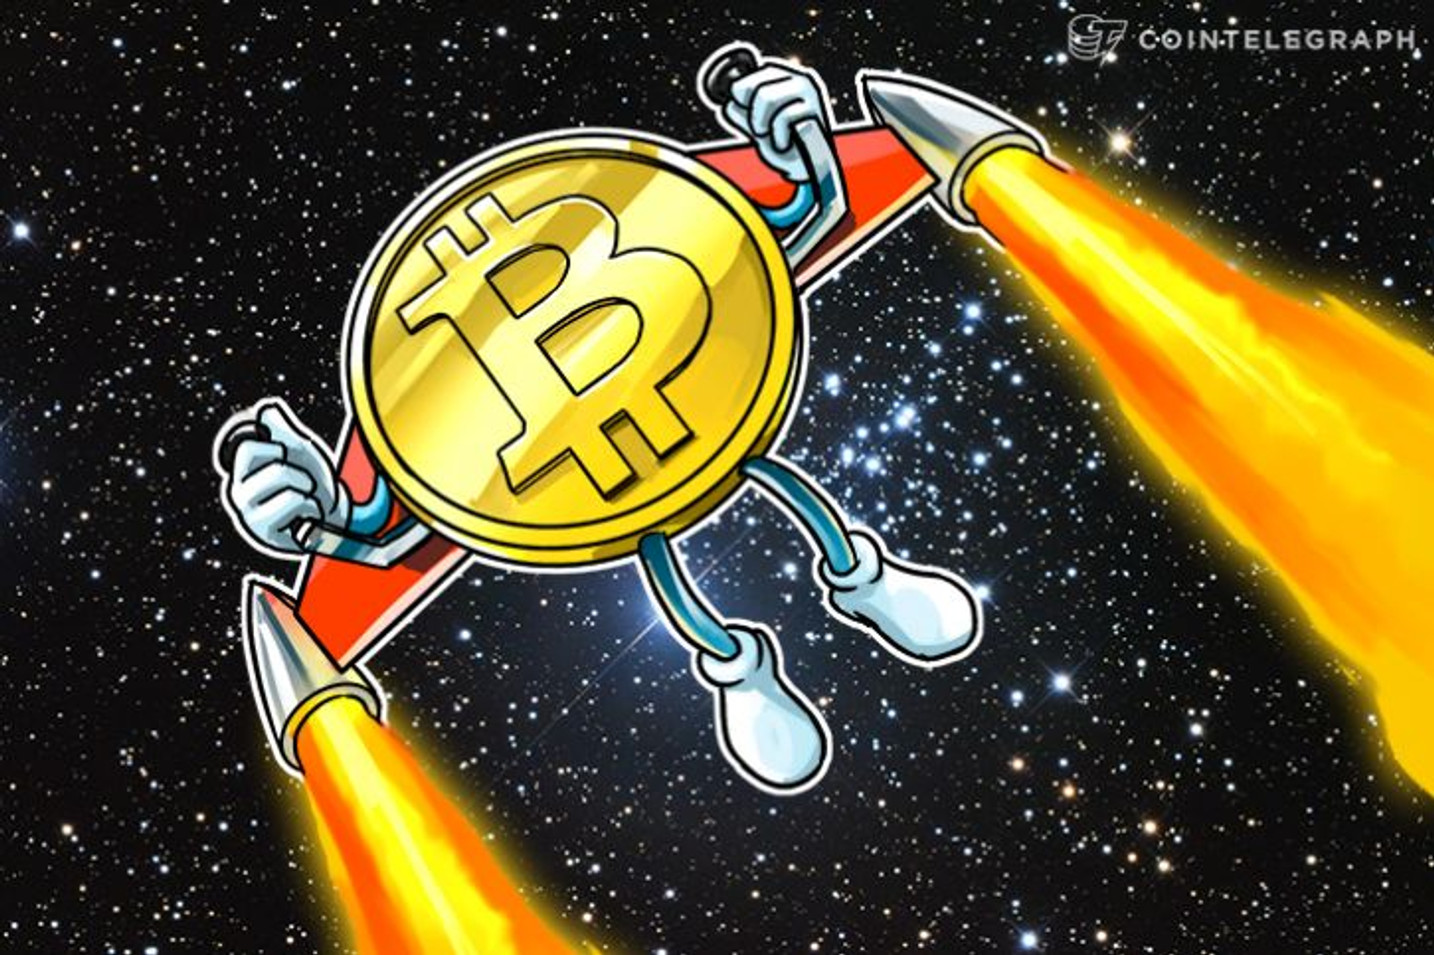 Preço do Bitcoin chega perto dos US$ 4.700 à medida que que os mais recentes saltos levam as altcoins mais apra cima